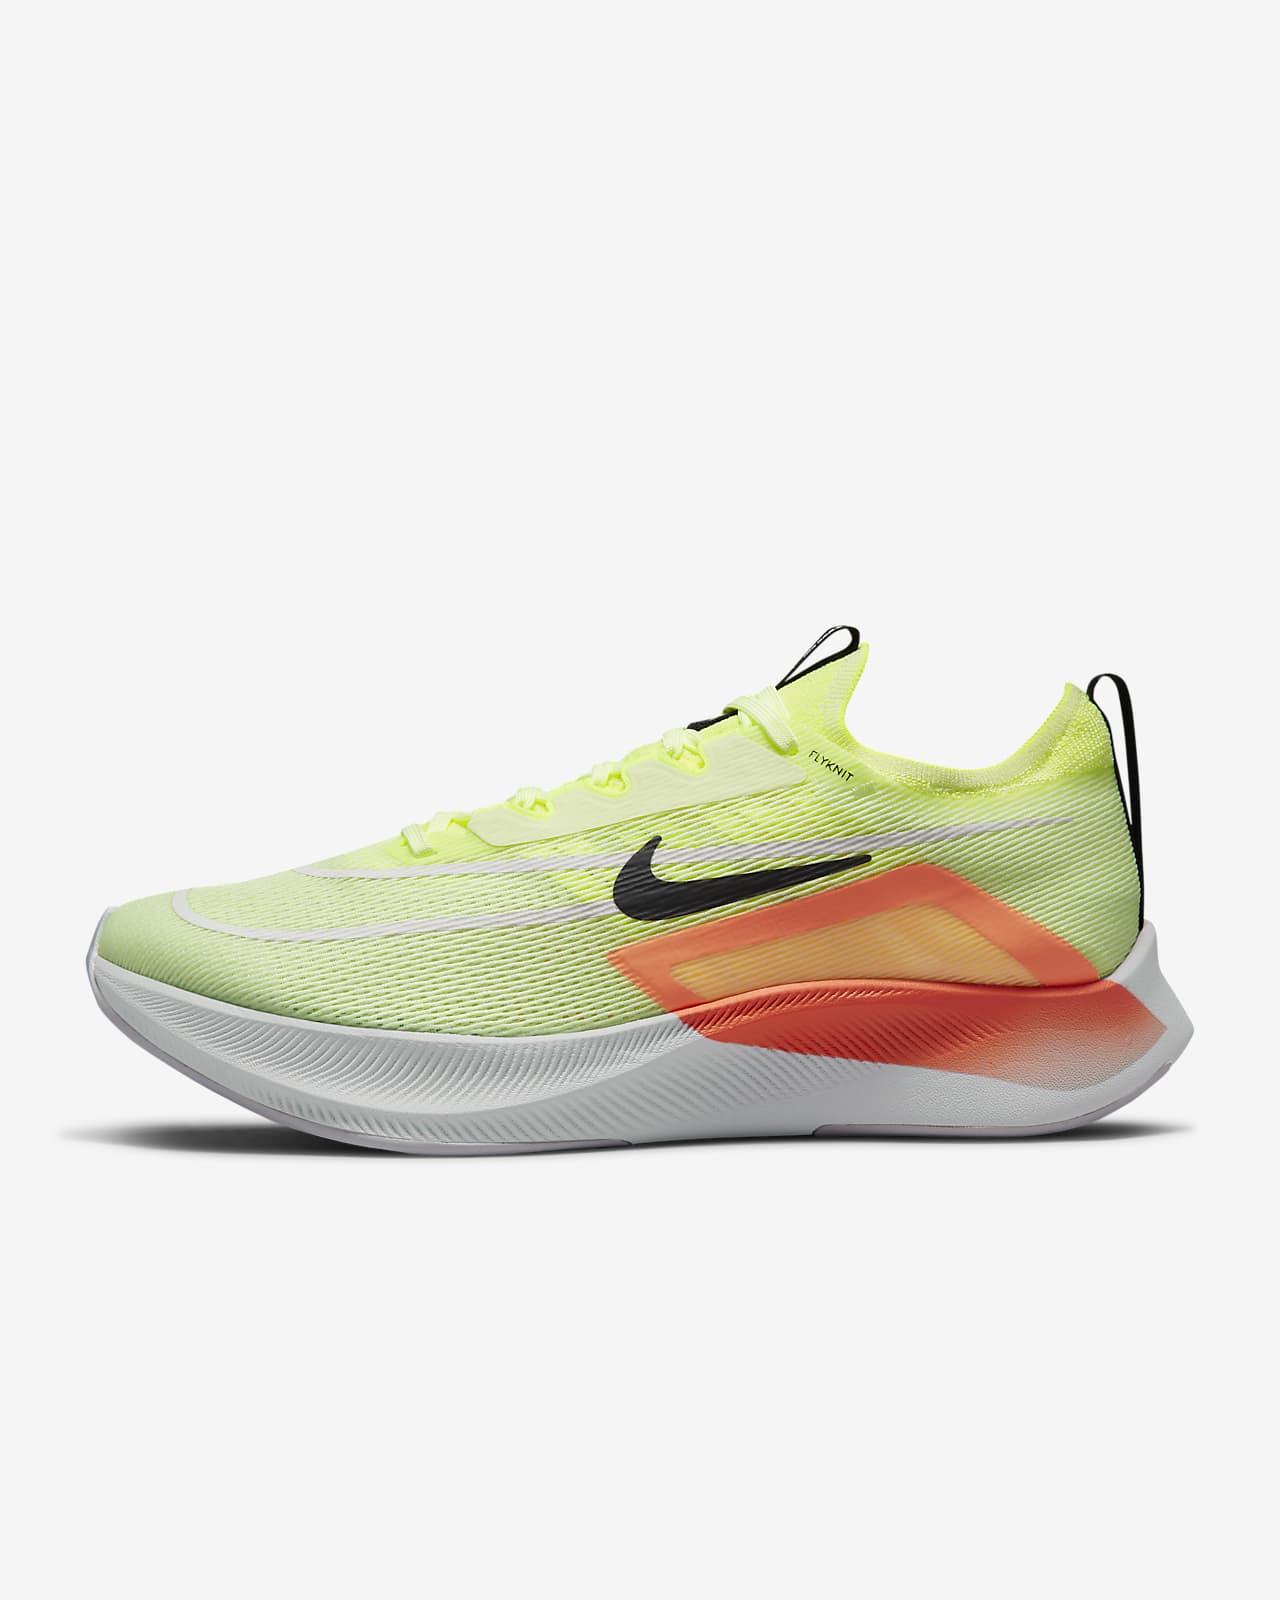 Ανδρικό παπούτσι για τρέξιμο σε δρόμο Nike Zoom Fly 4